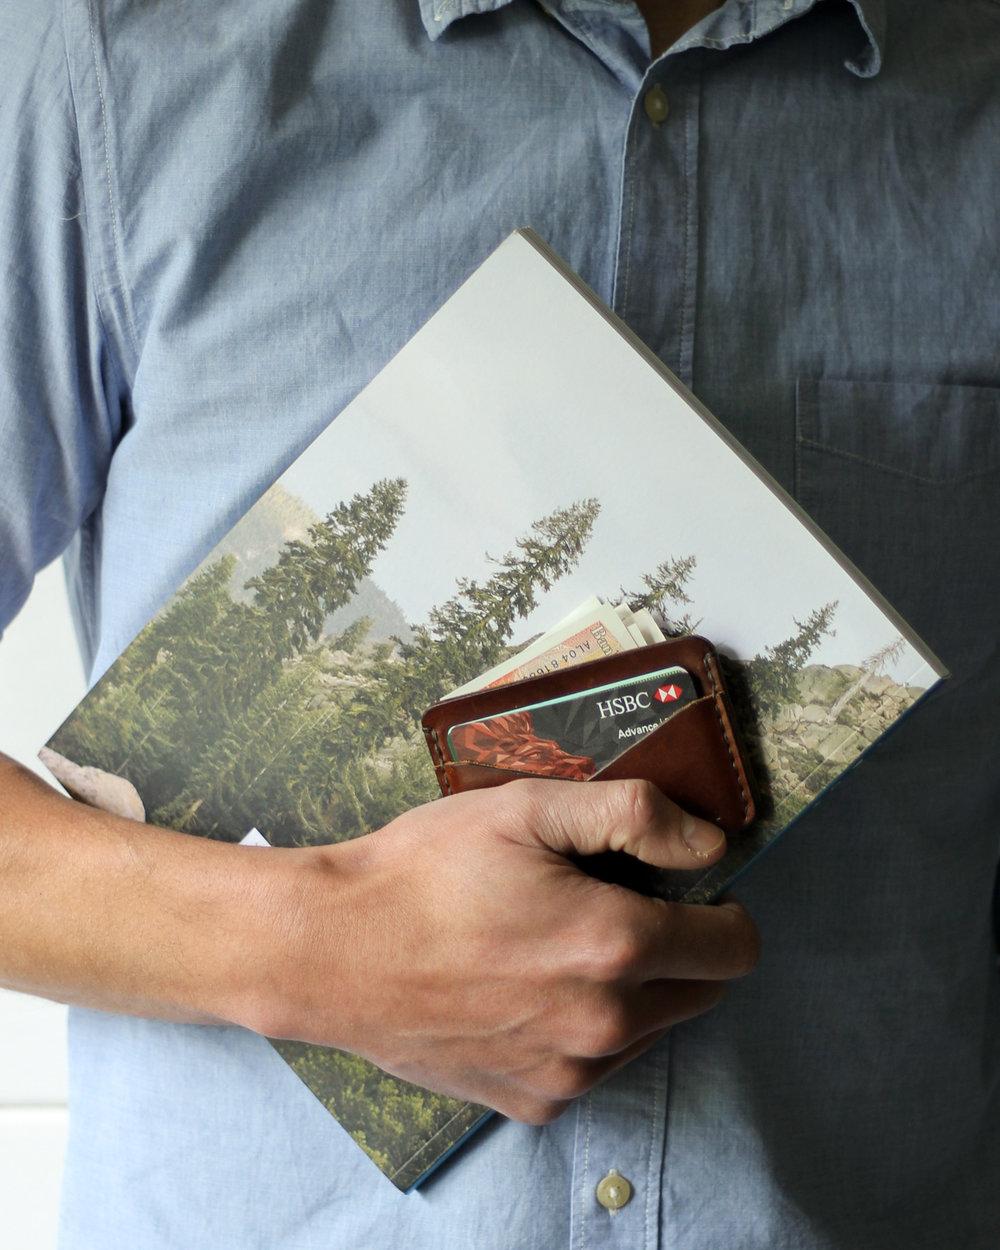 Rural-Kind-Handmade-Card-Wallet-1.jpg